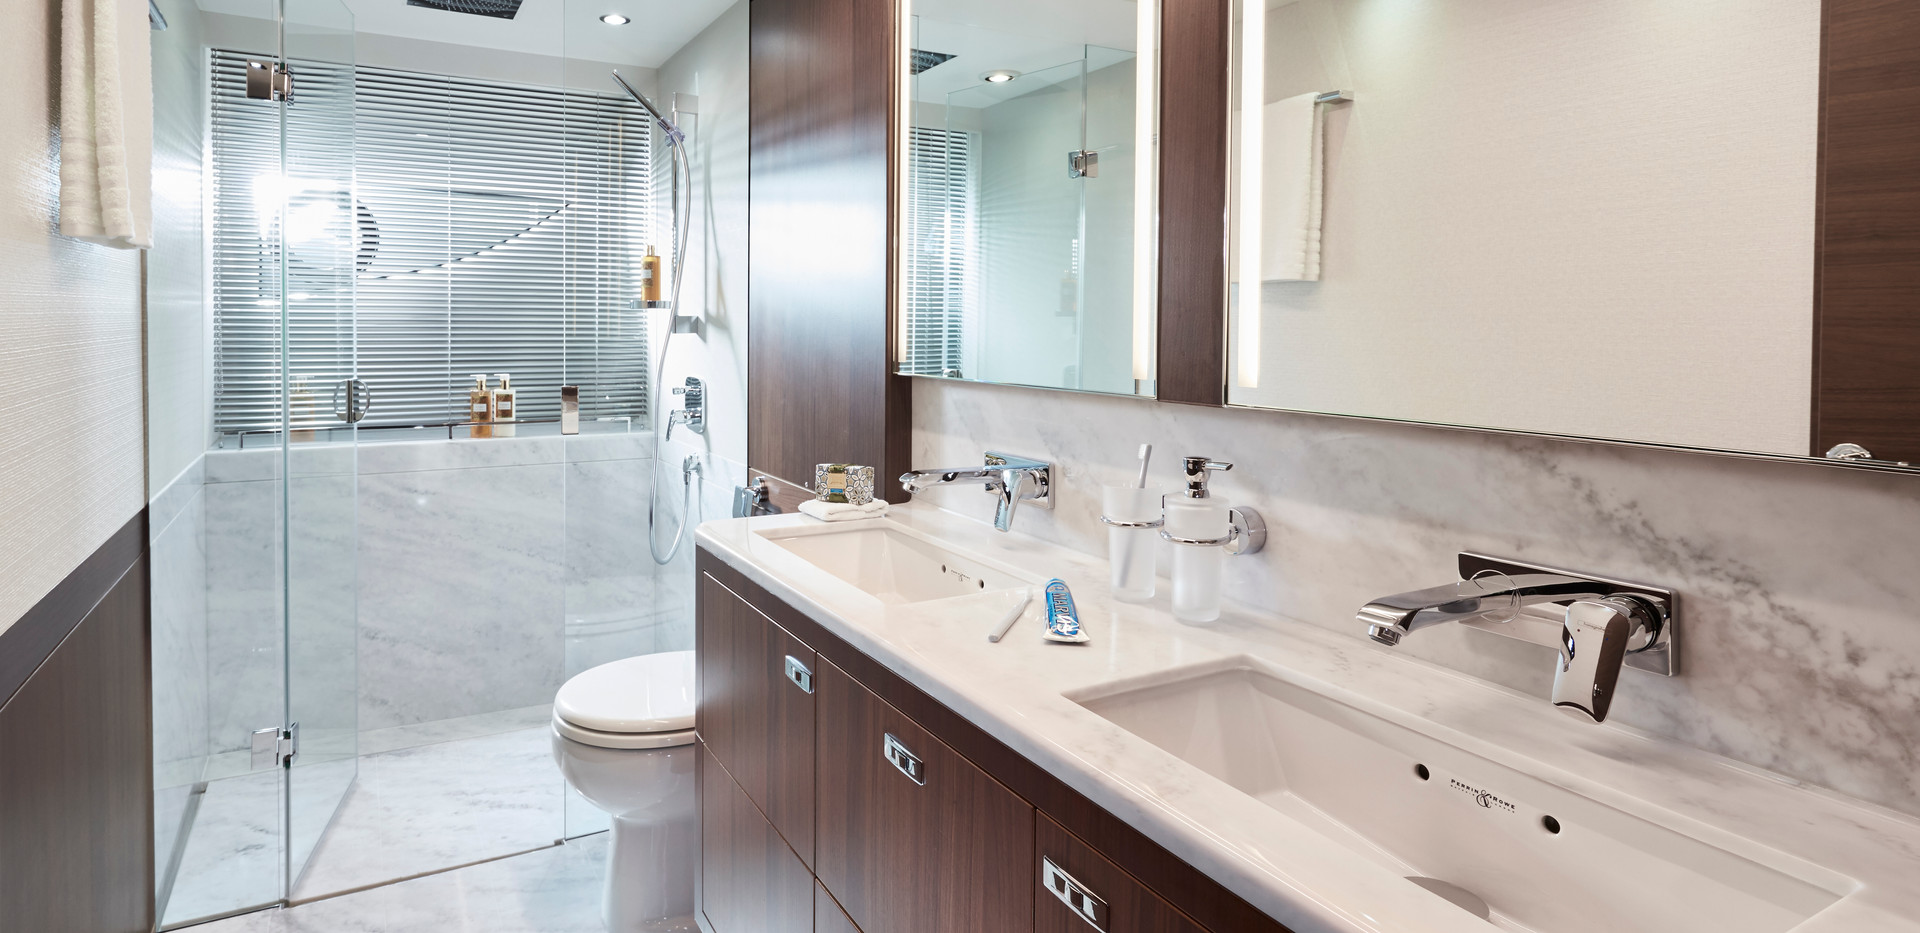 s78-interior-owners-bathroom.jpg